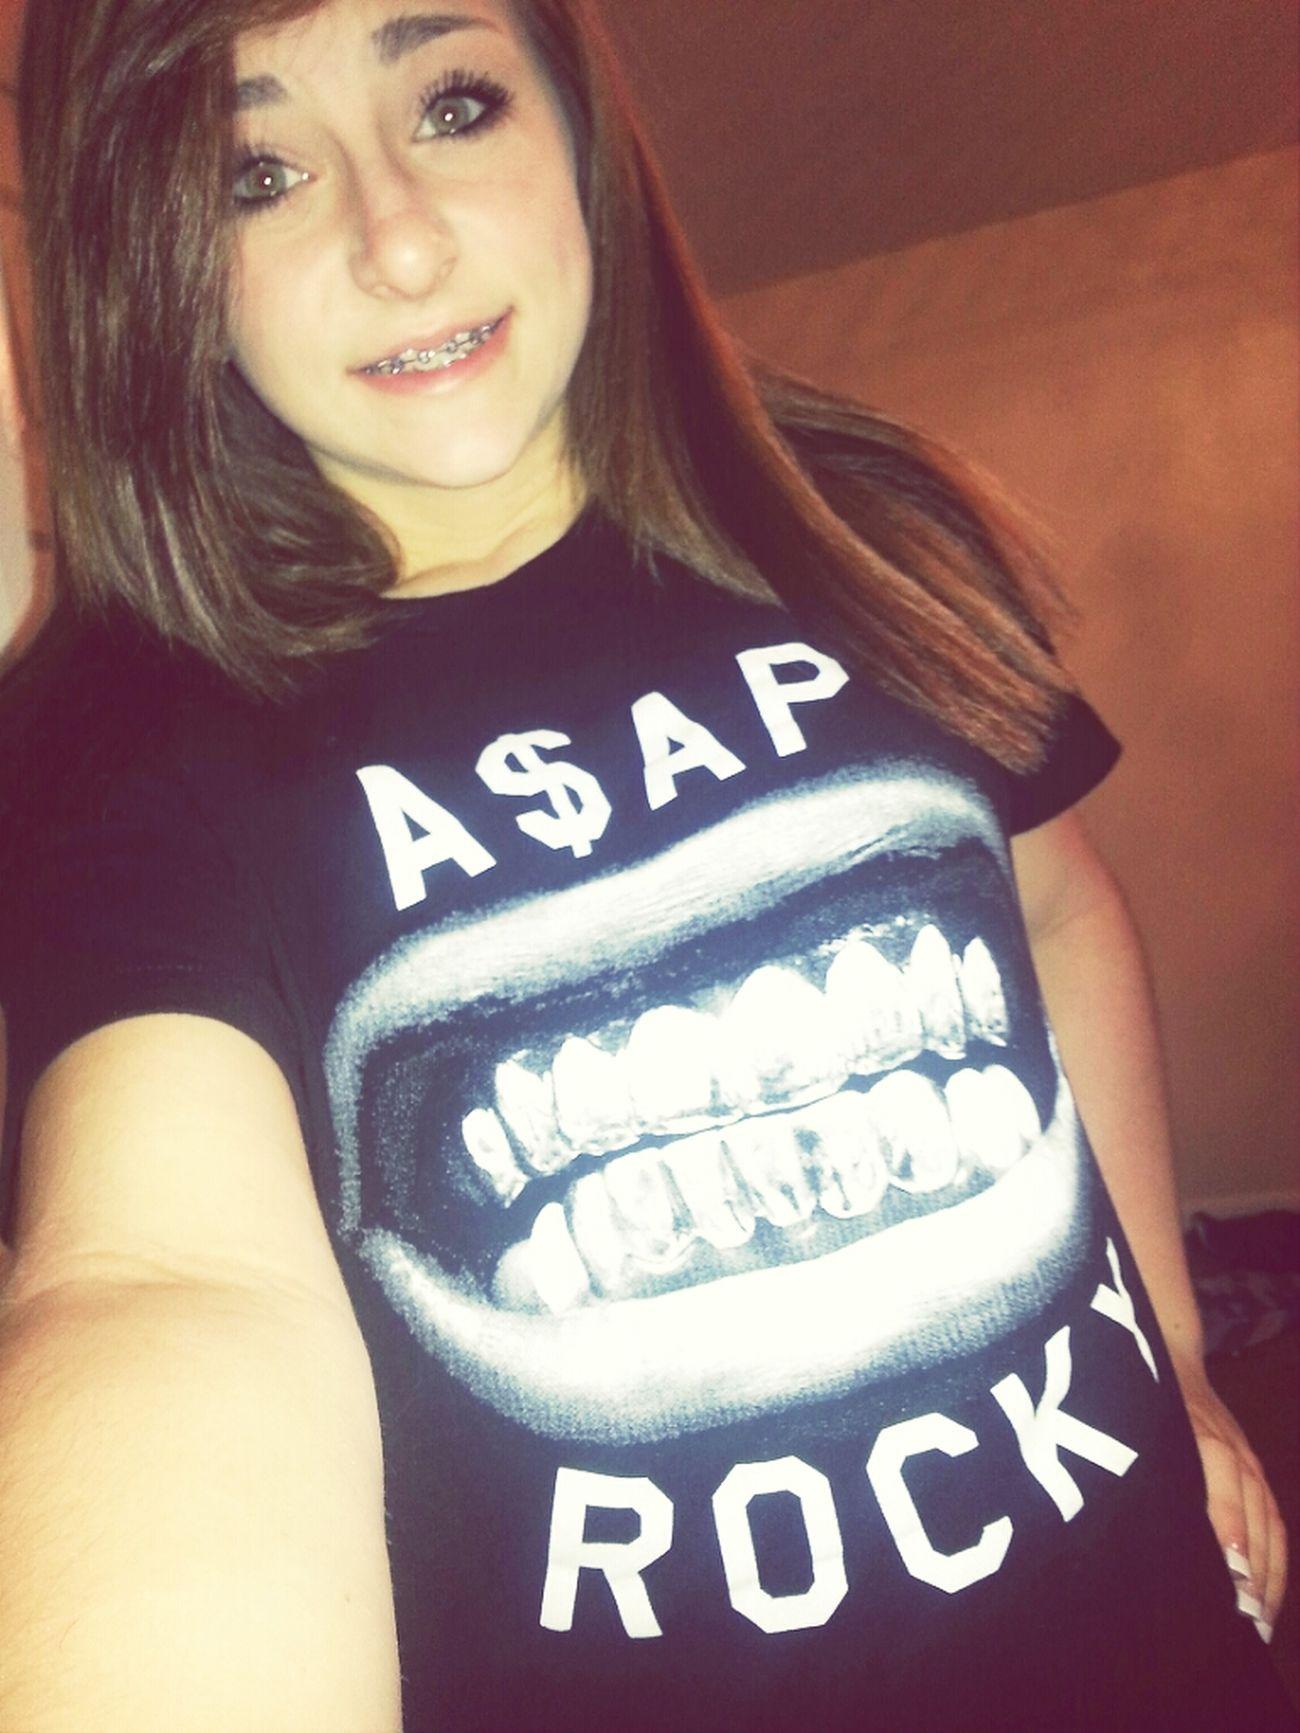 A$ap Rockyy